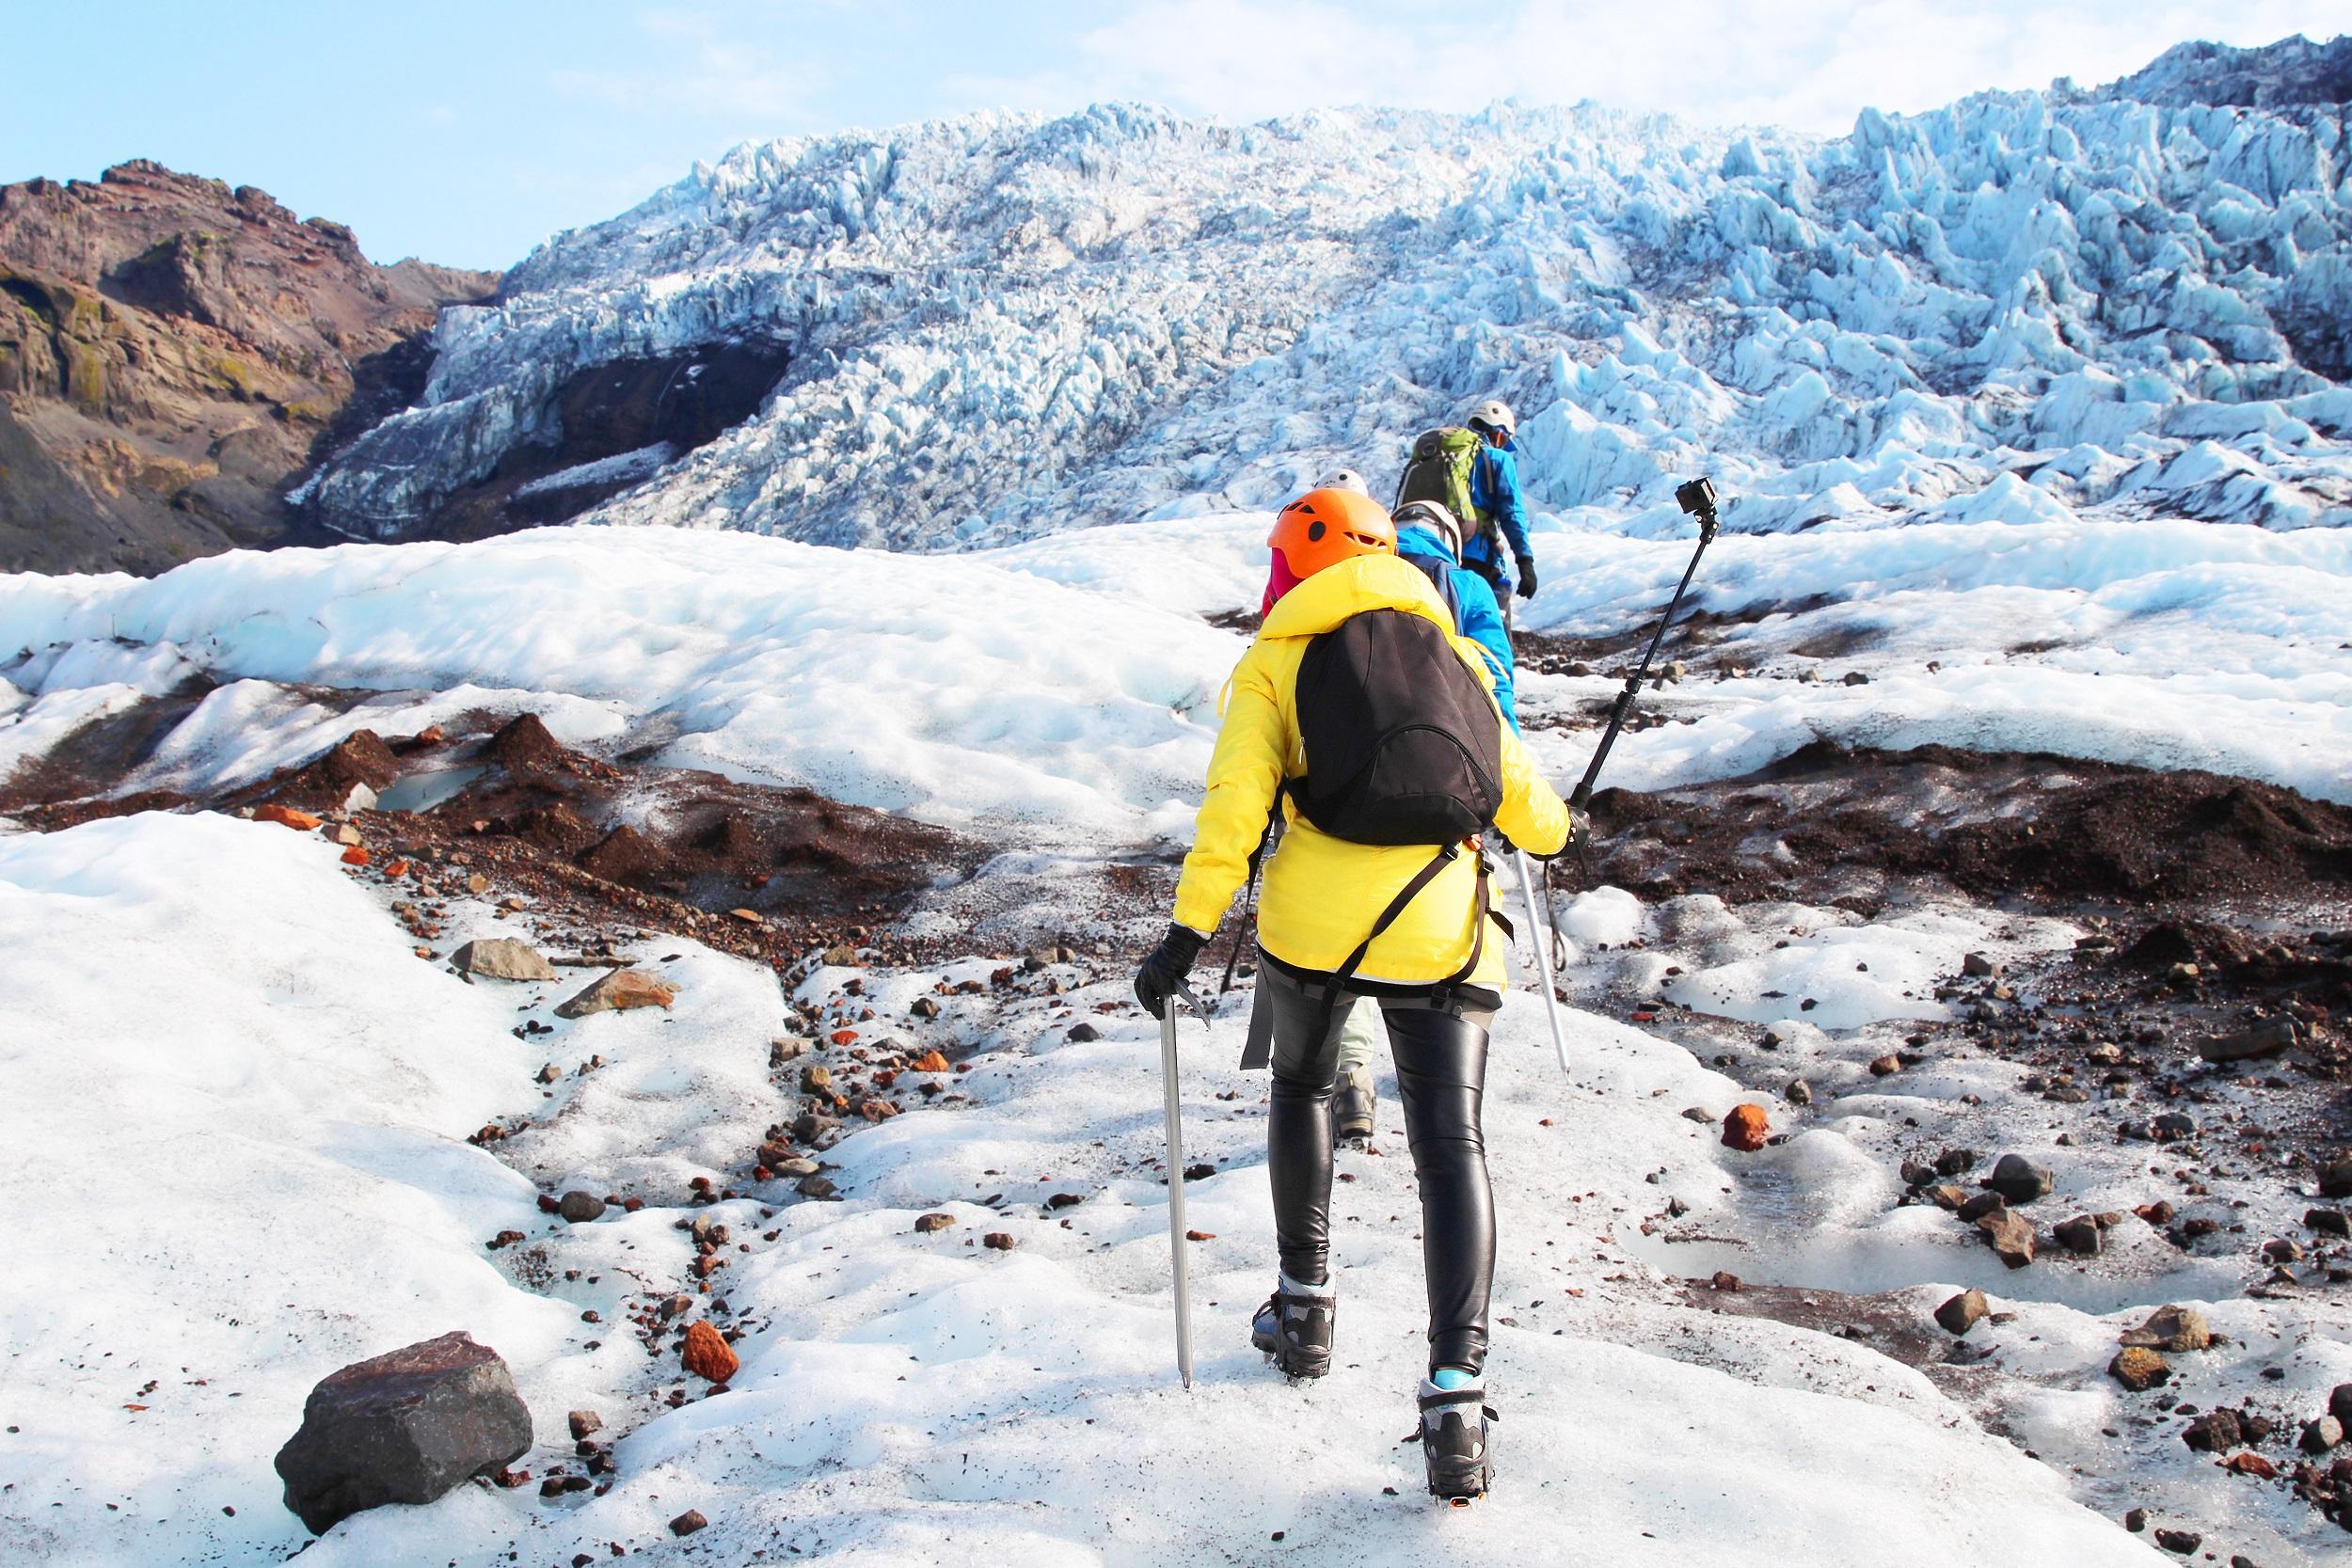 Camina por el glaciar Sólheimajökull en la costa sur para experimentar el hielo de Islandia.